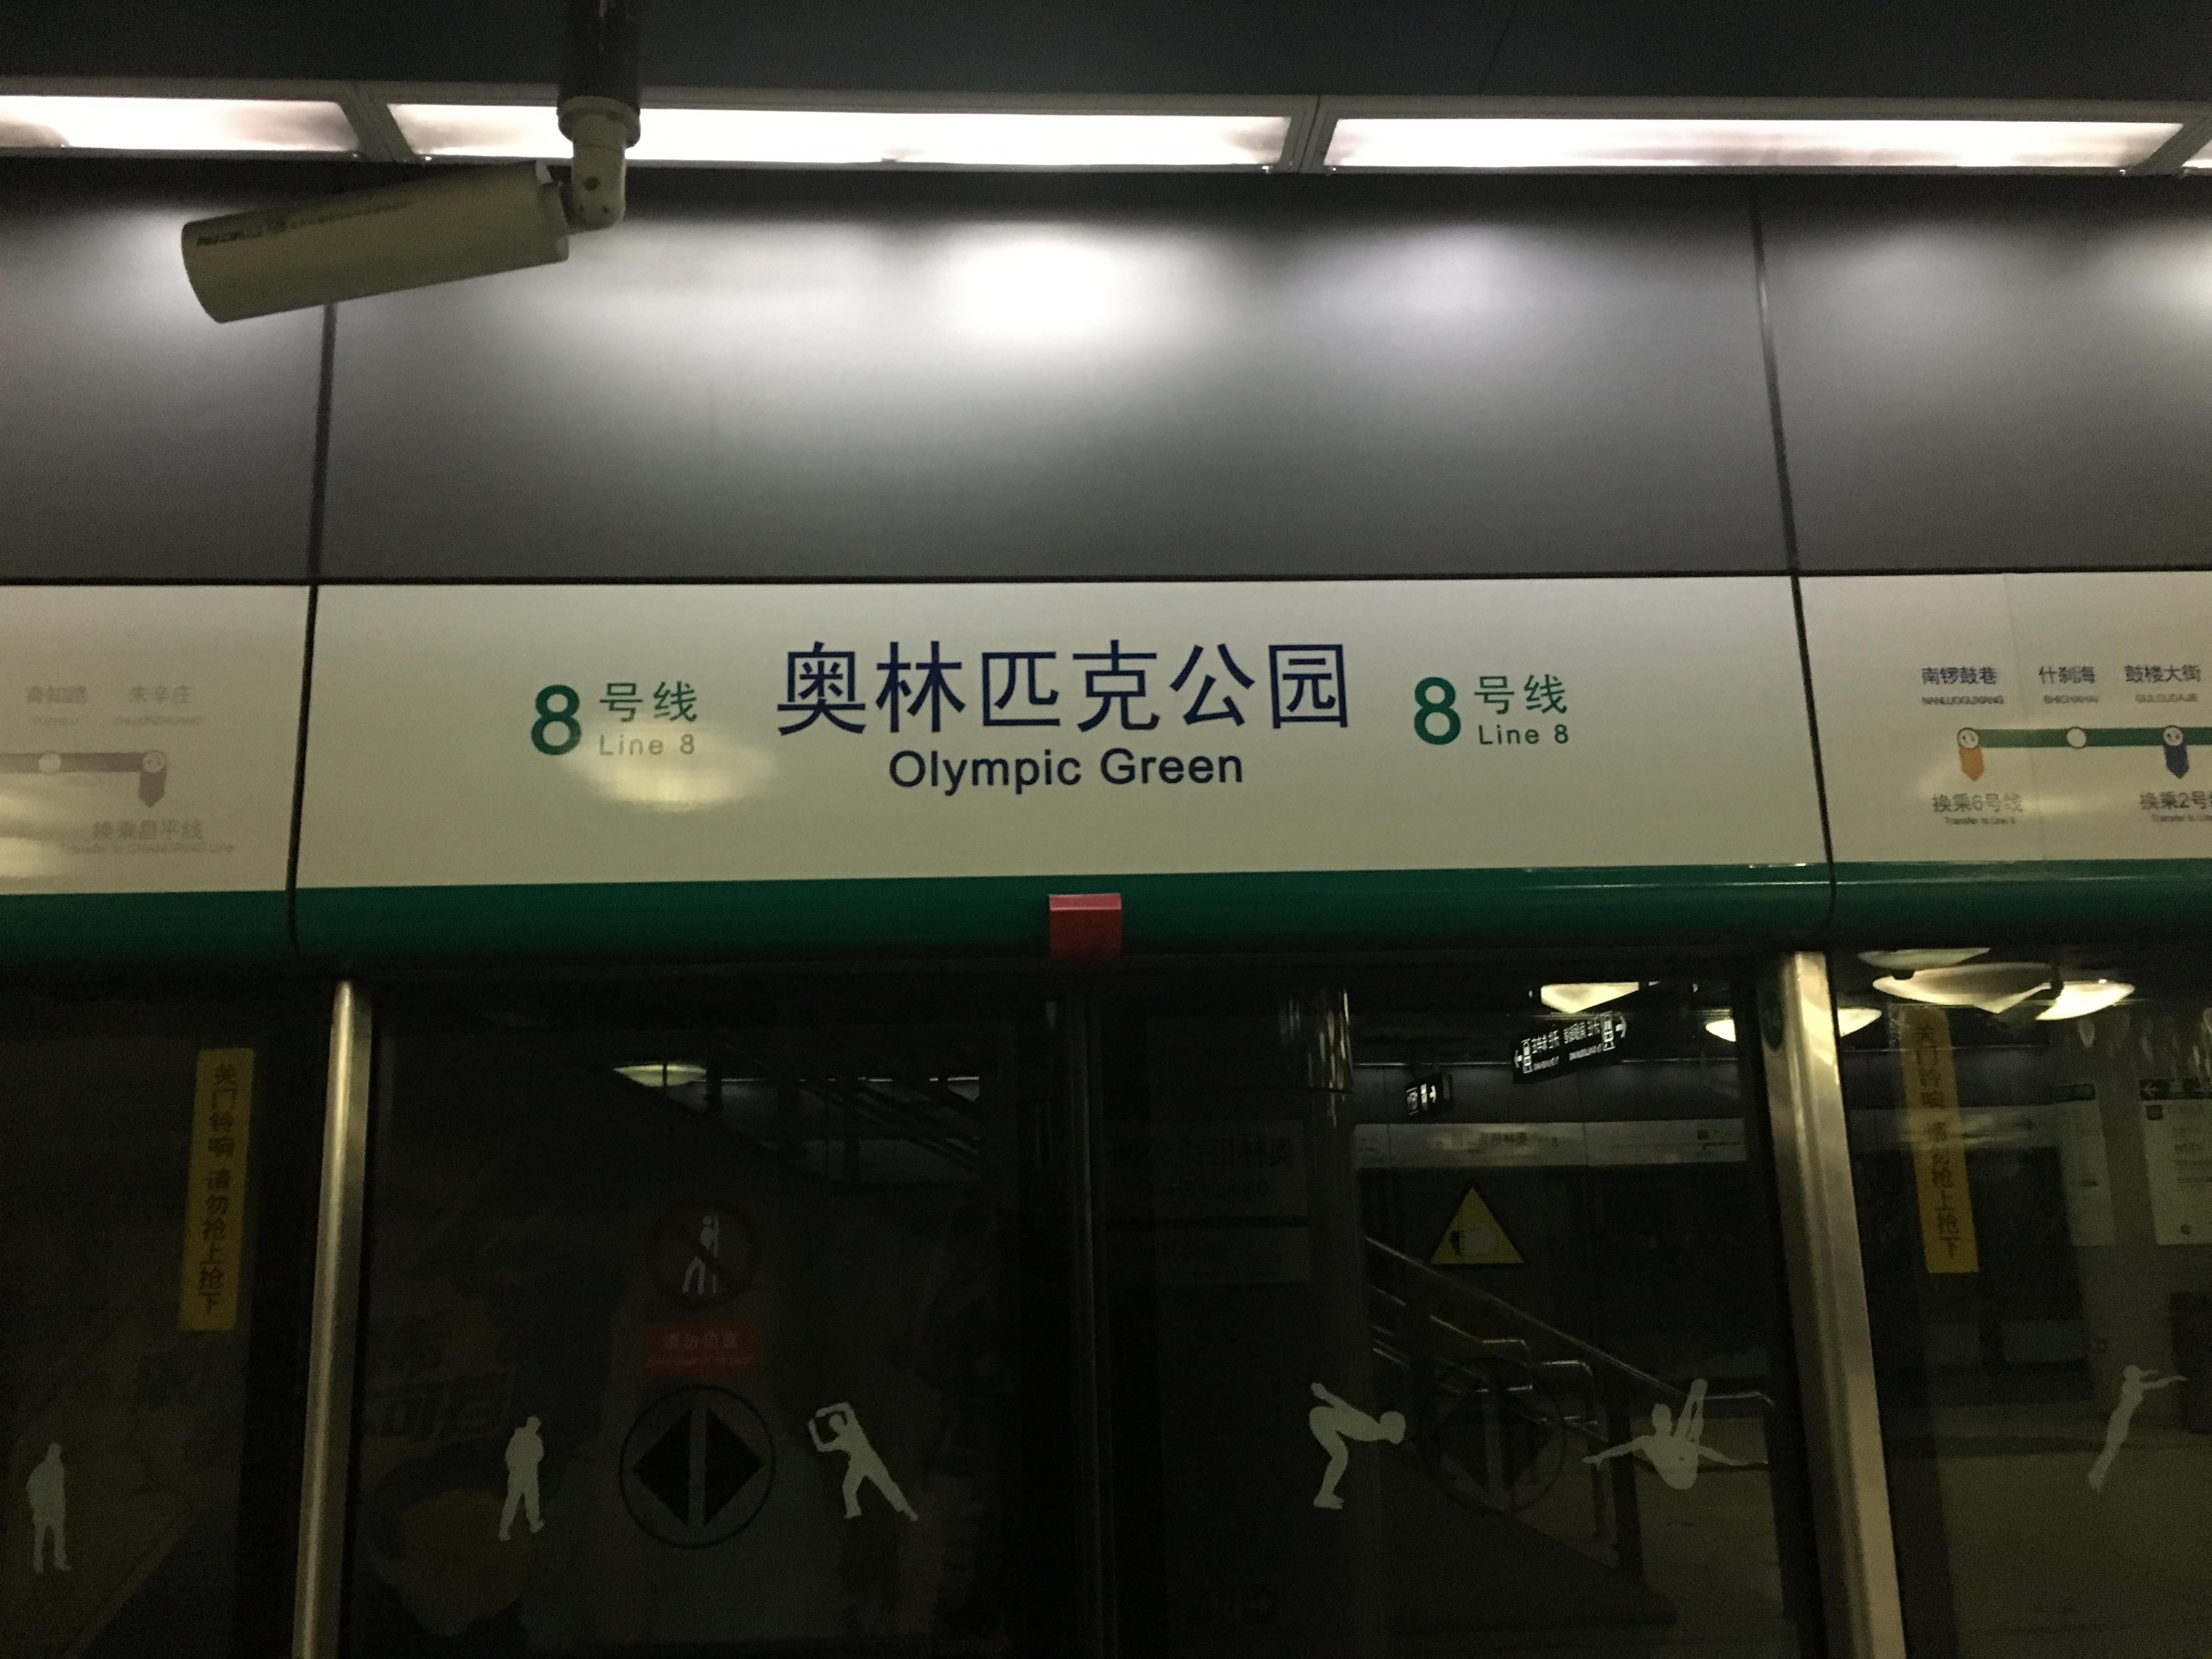 会場の駅。漢字なので分かりやすい。